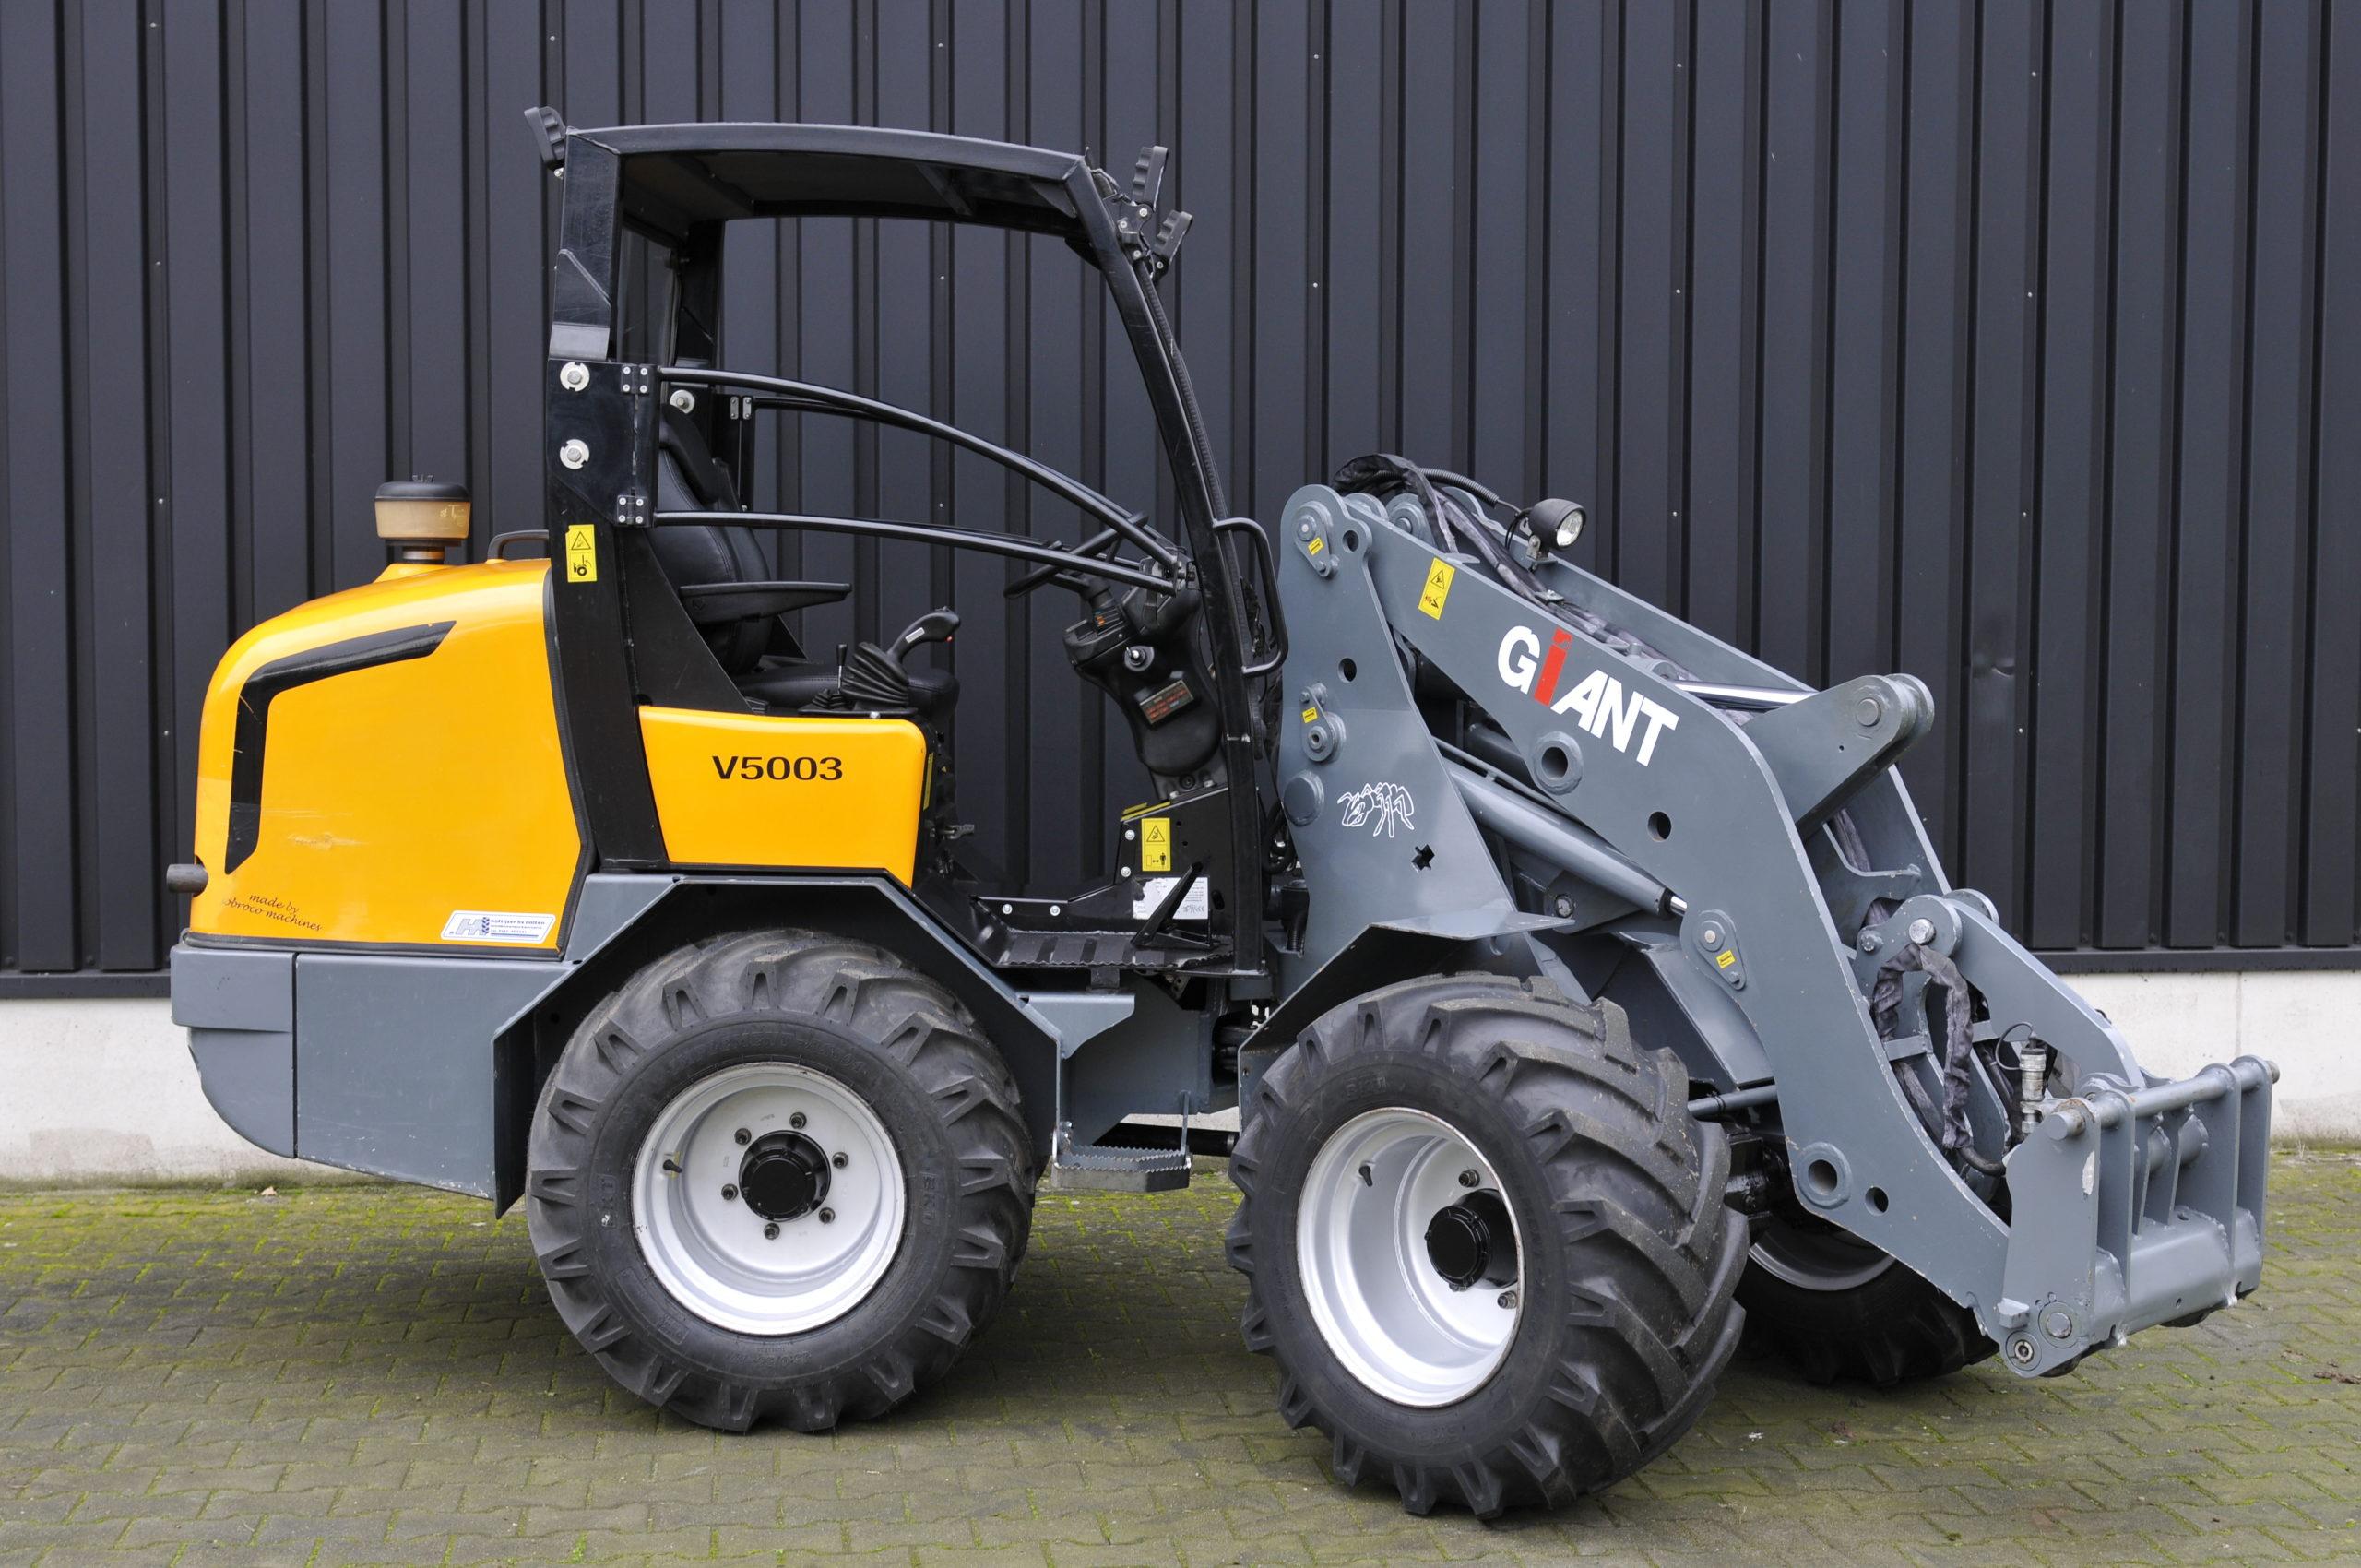 Giant V5003